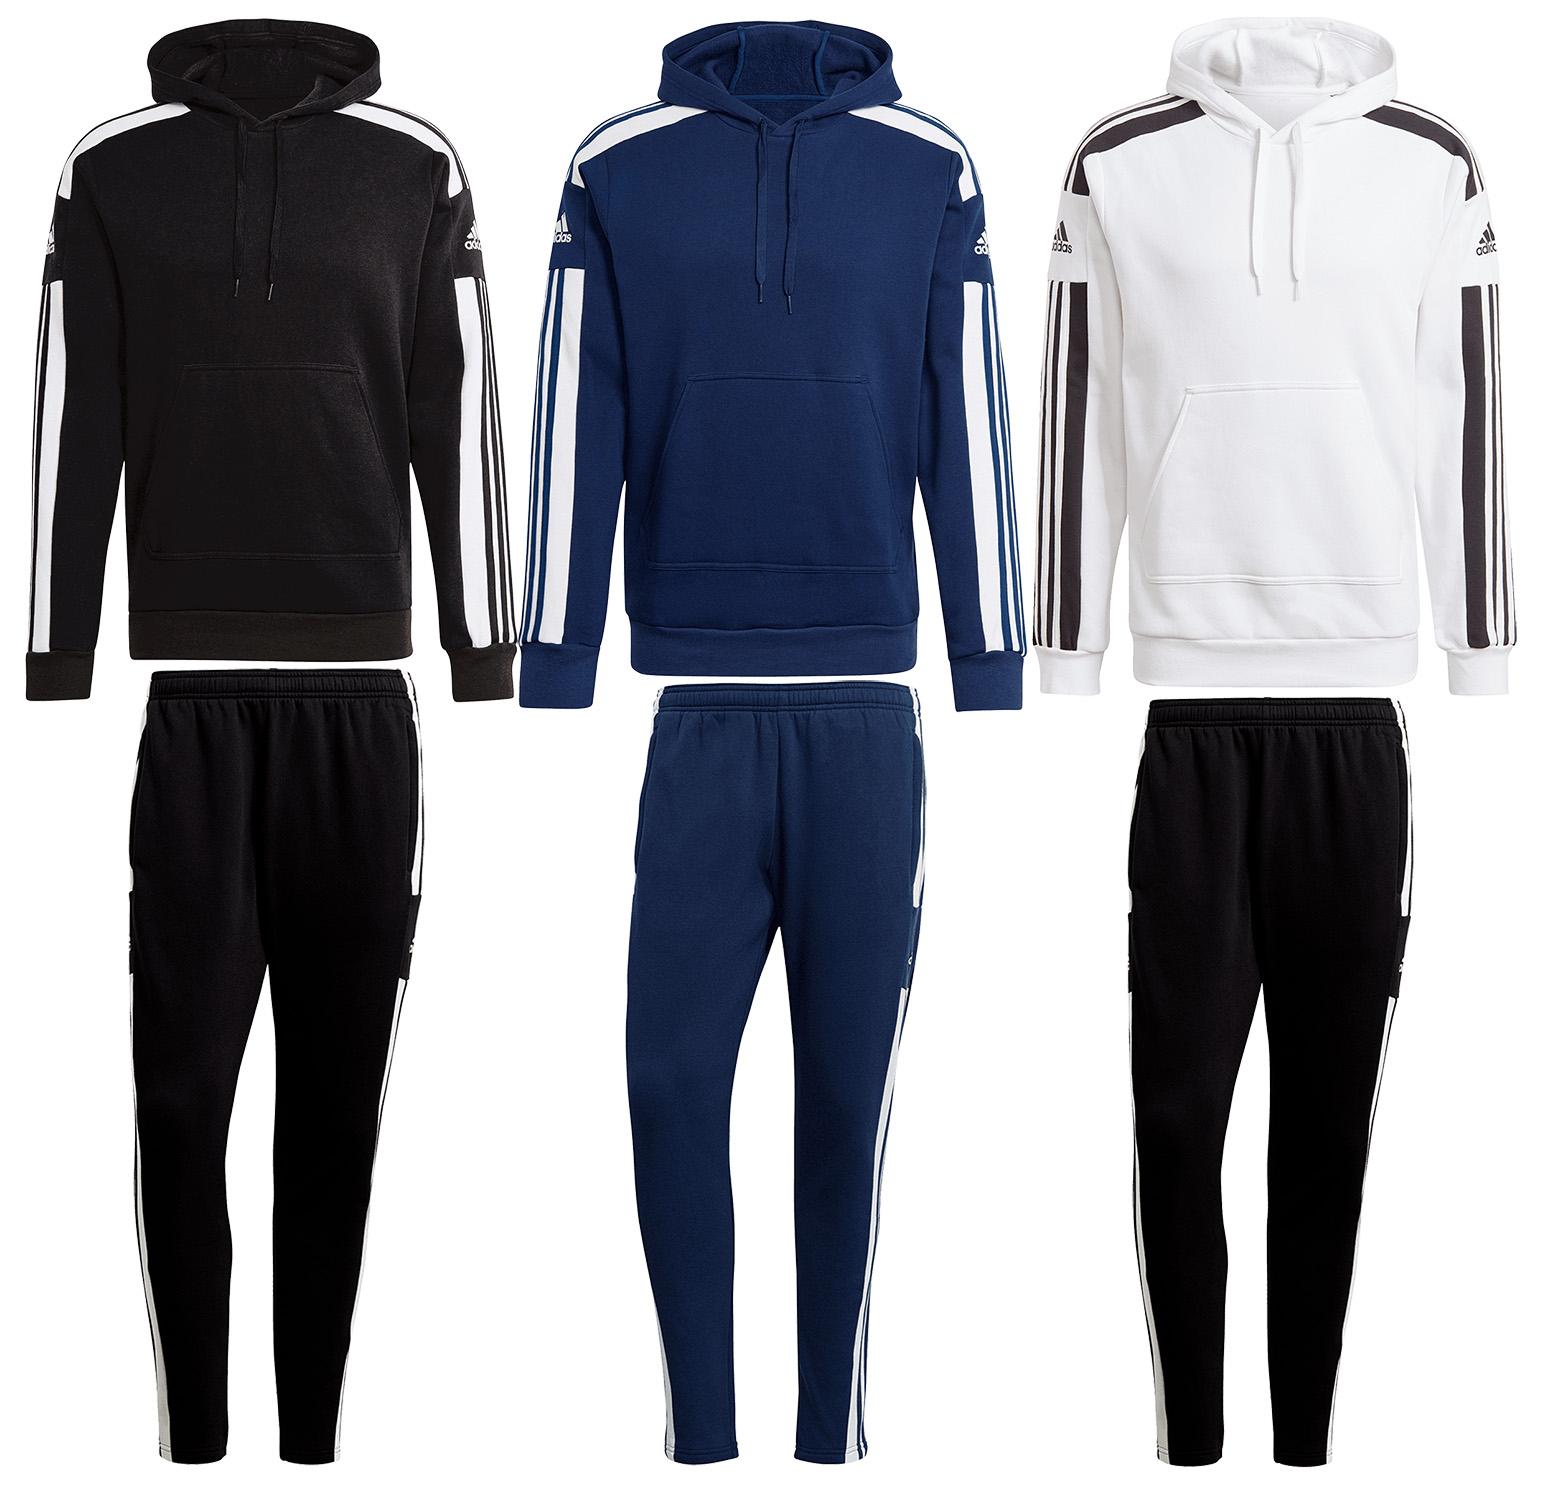 Ensemble sportif adidas Squadra 21 SW (2 pièces) pour Homme - 3 coloris - Tailles du S au 2XL